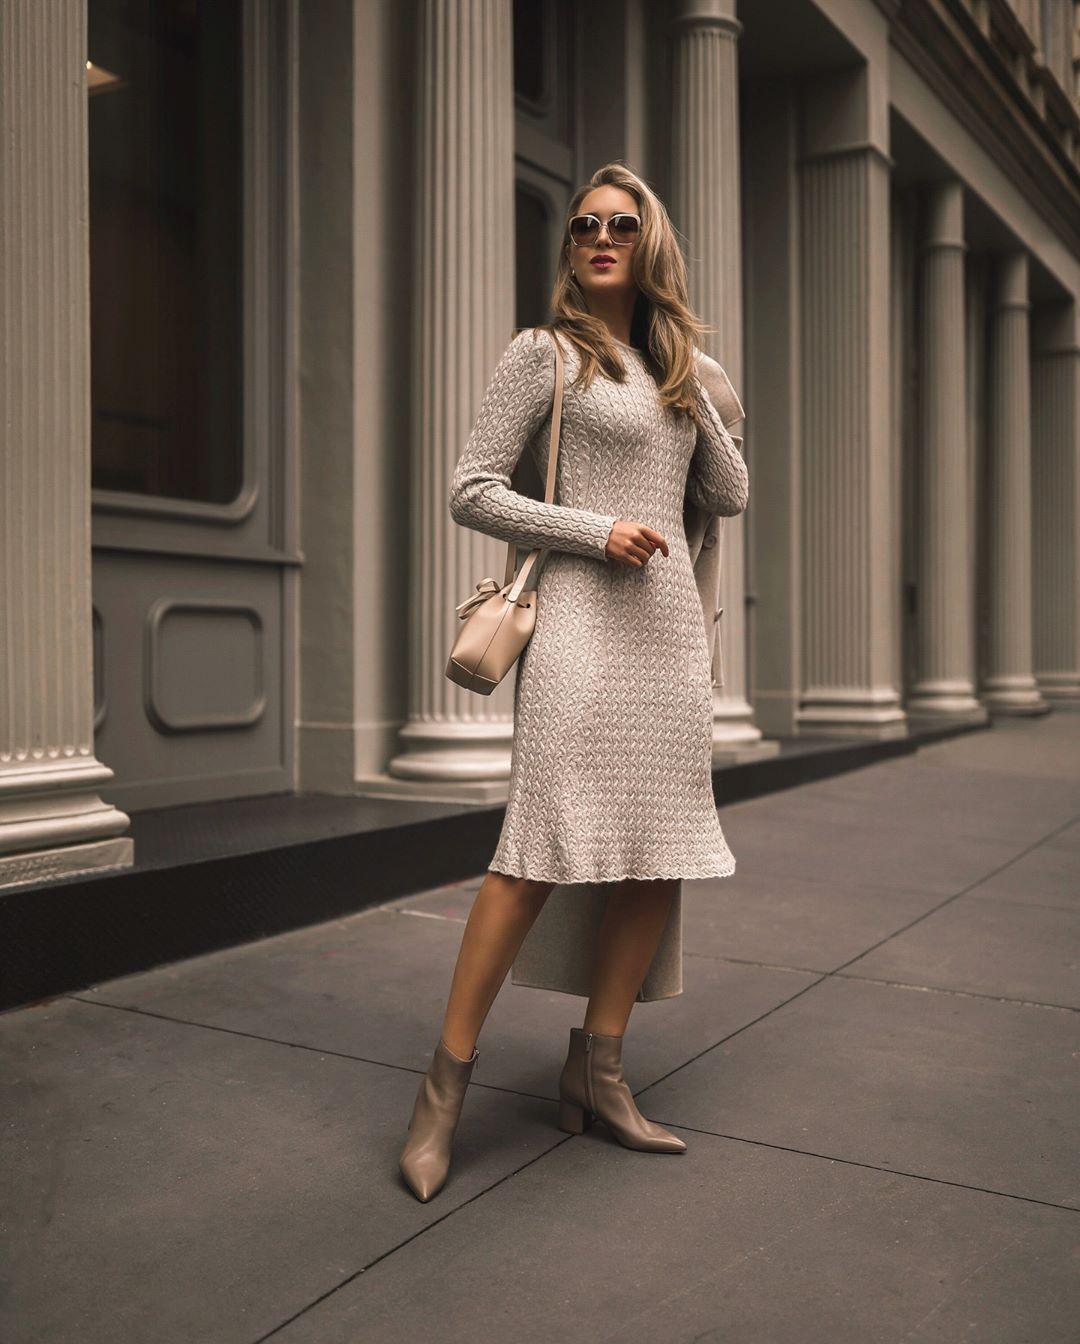 Модные весенние платья 2019 фото_18